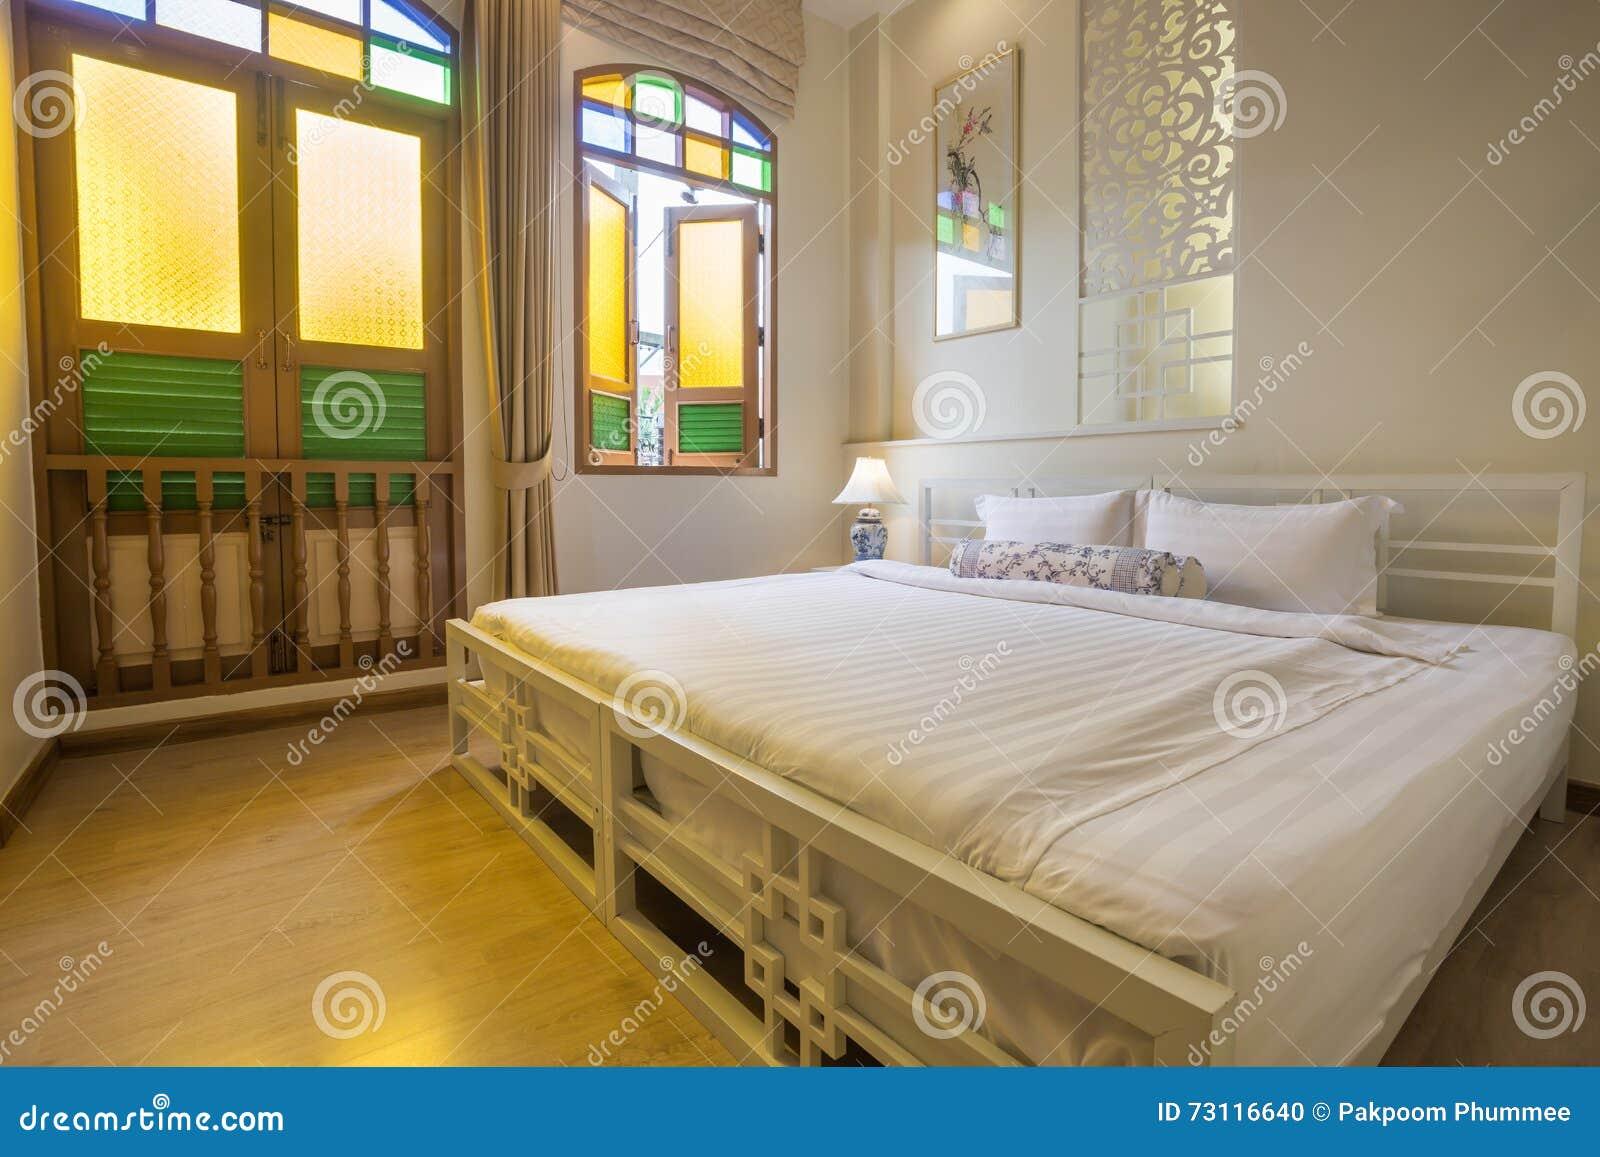 Warme kleuren slaapkamer finest afbeelding voor warme kleuren